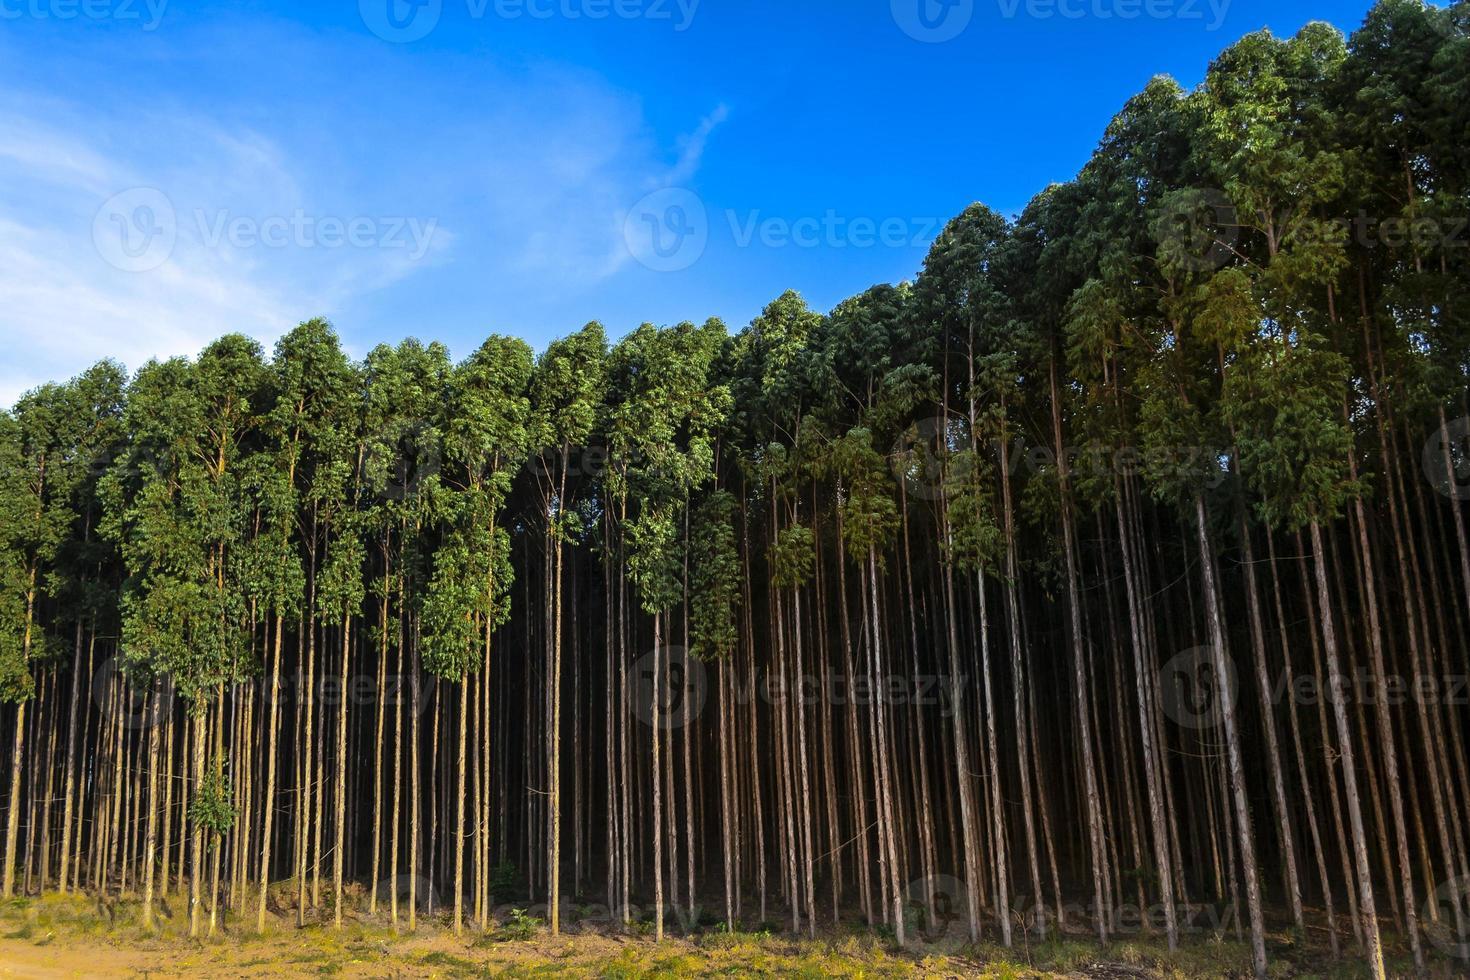 floresta plantada com eucalipto em fazenda no estado de são paulo, brasil foto